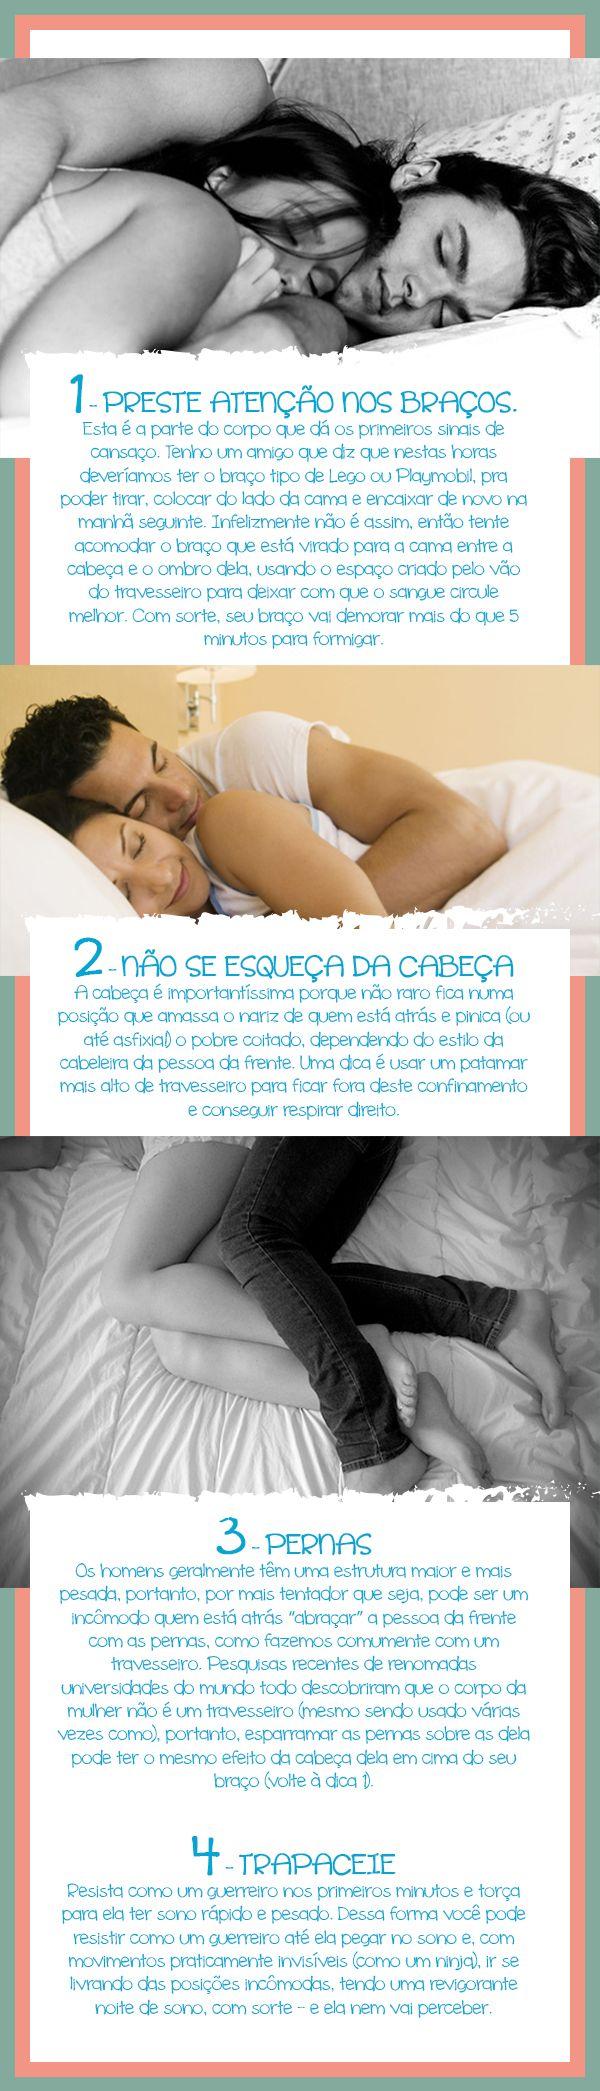 Dormir de conchinha - Bendita Inspiração #spooning #conchinha #dormir #romantico #amor